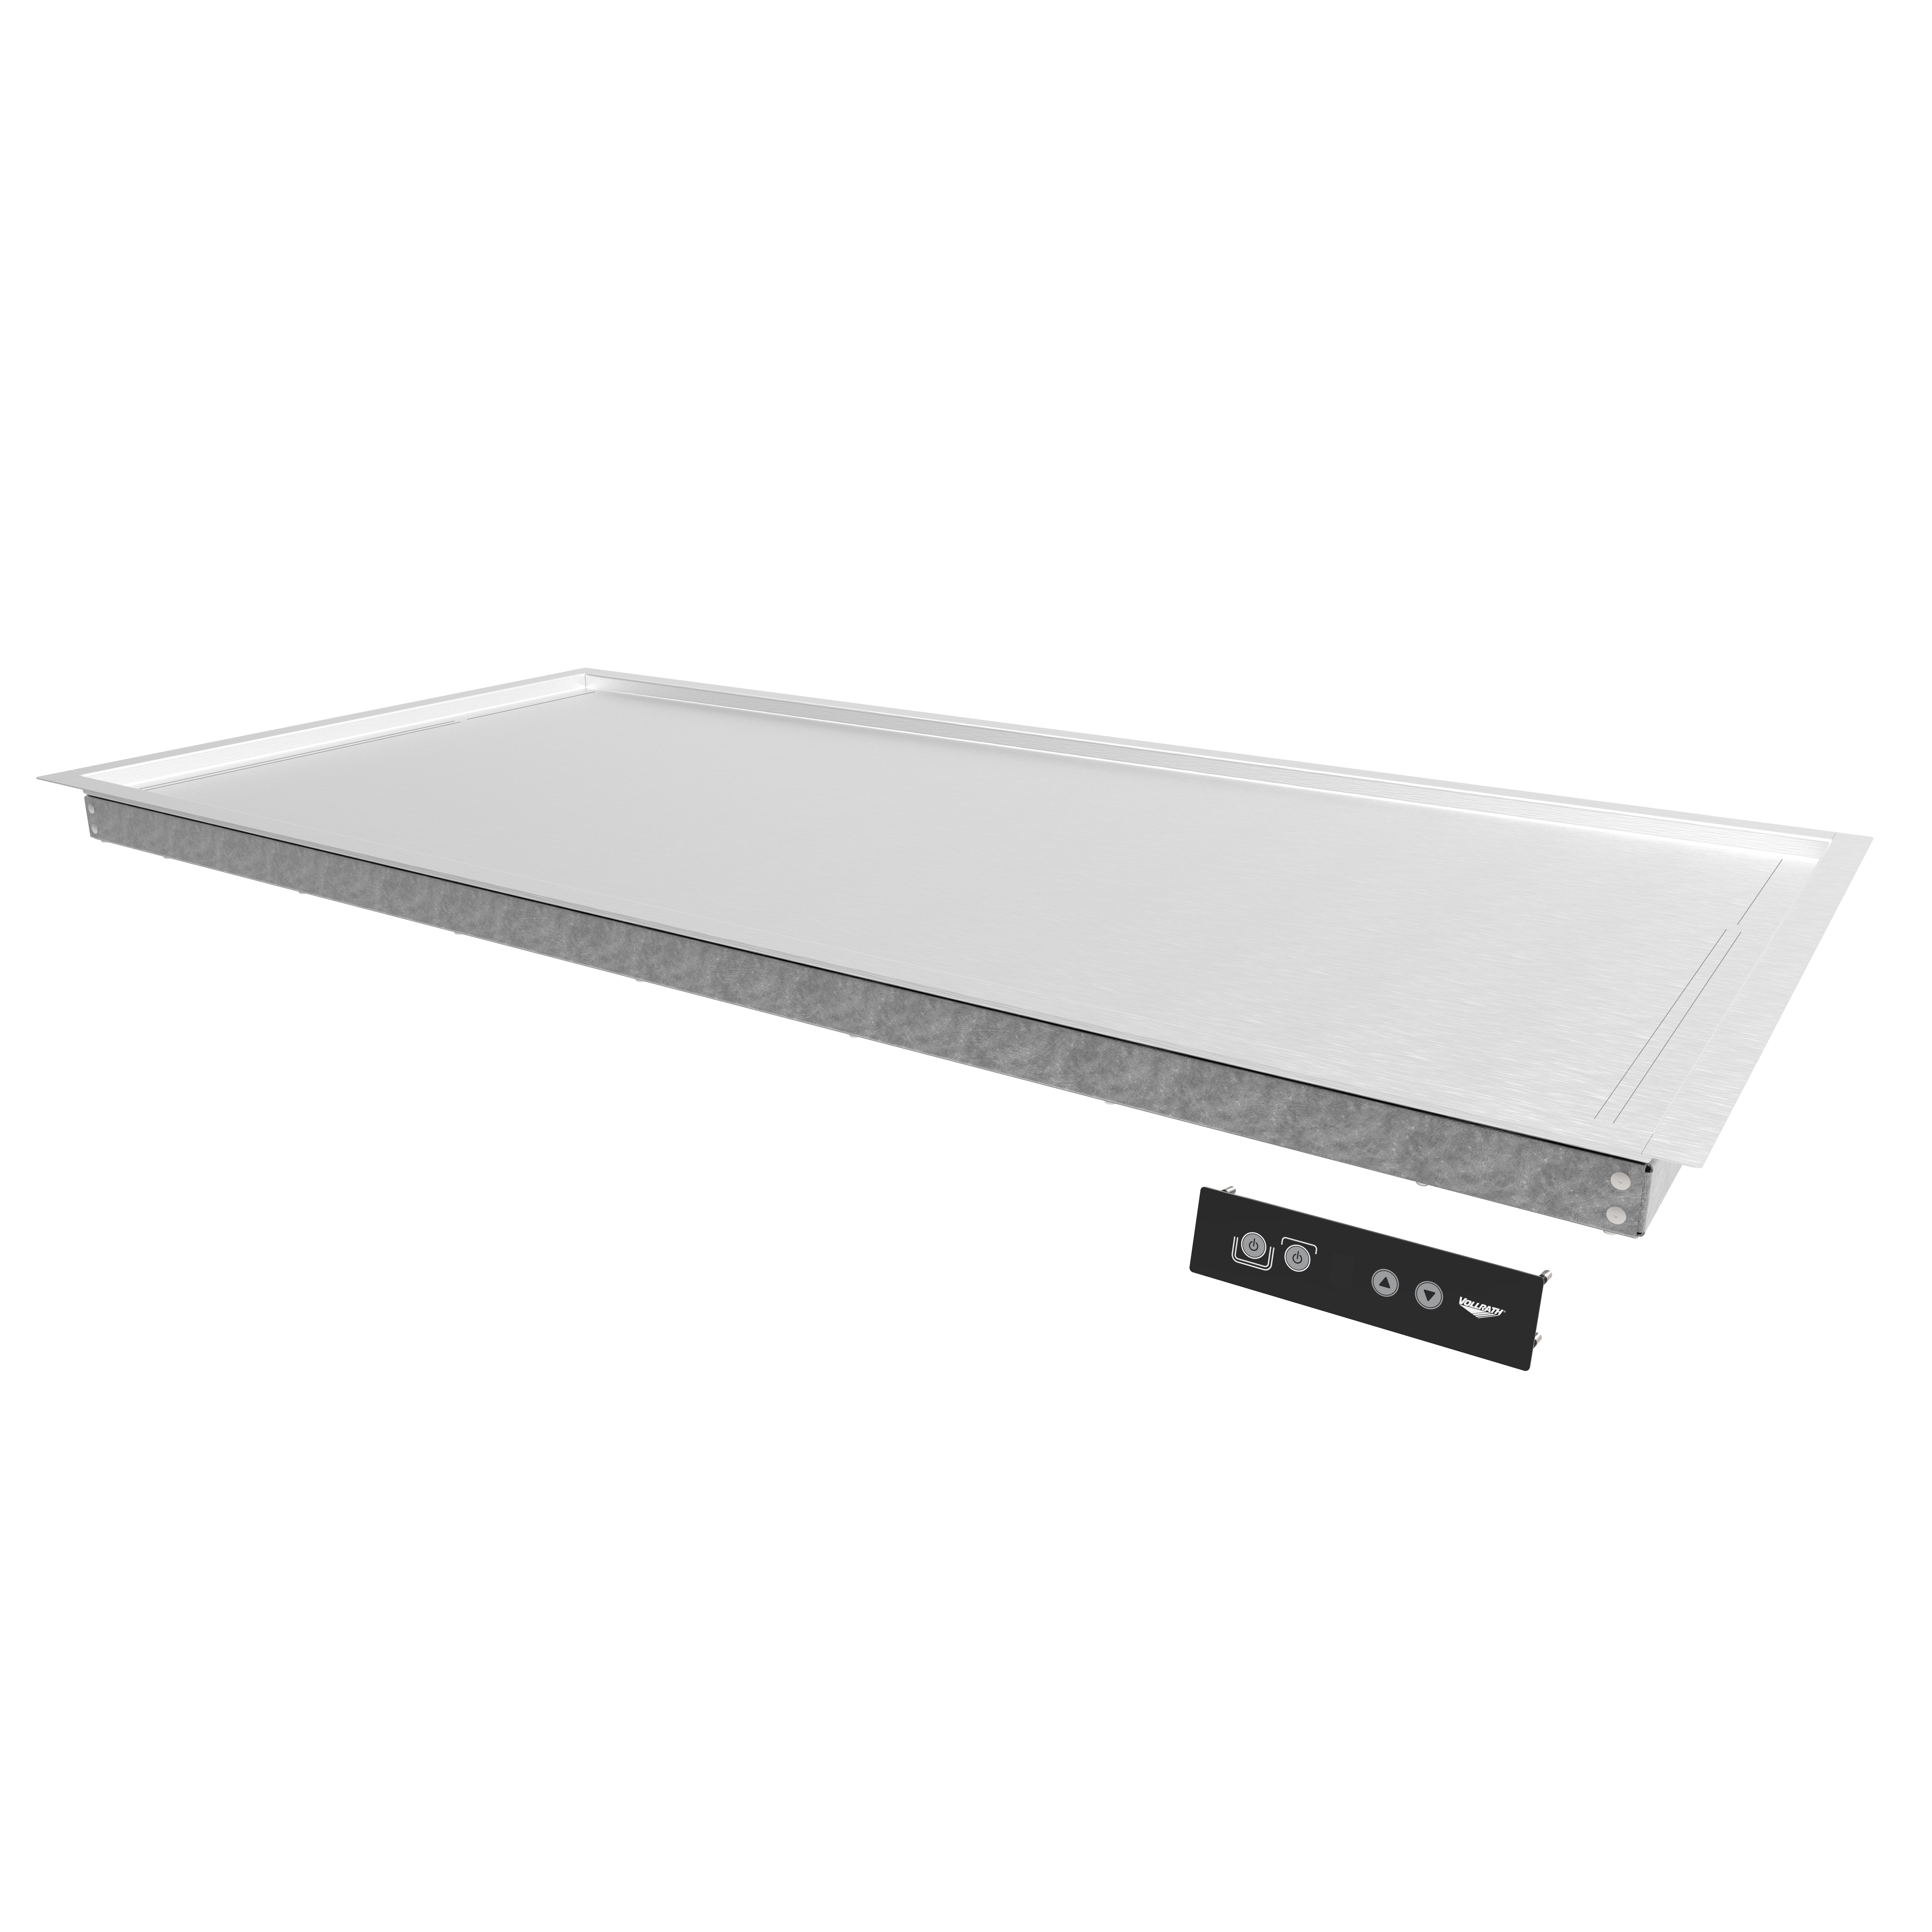 Vollrath FC-4HS-72120-SSR heated shelf food warmer